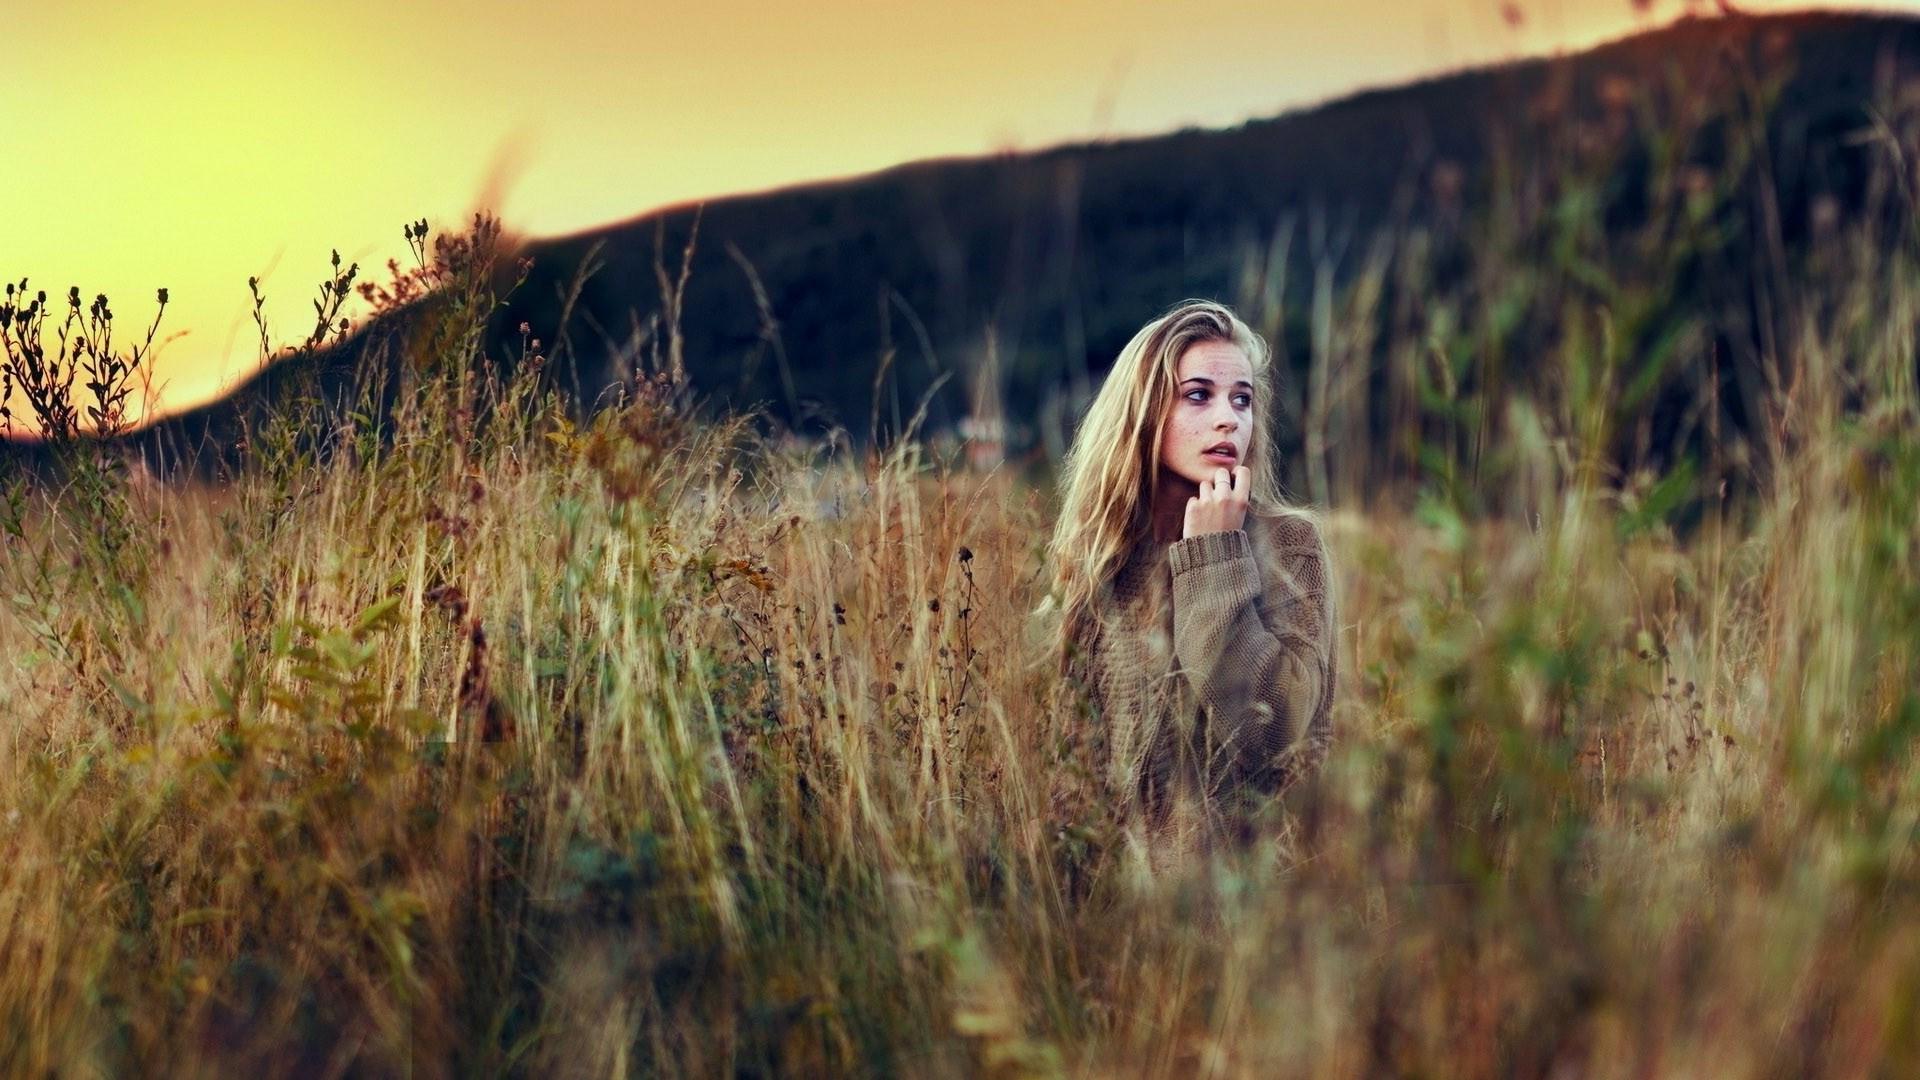 Blonde Girl Grass Mood